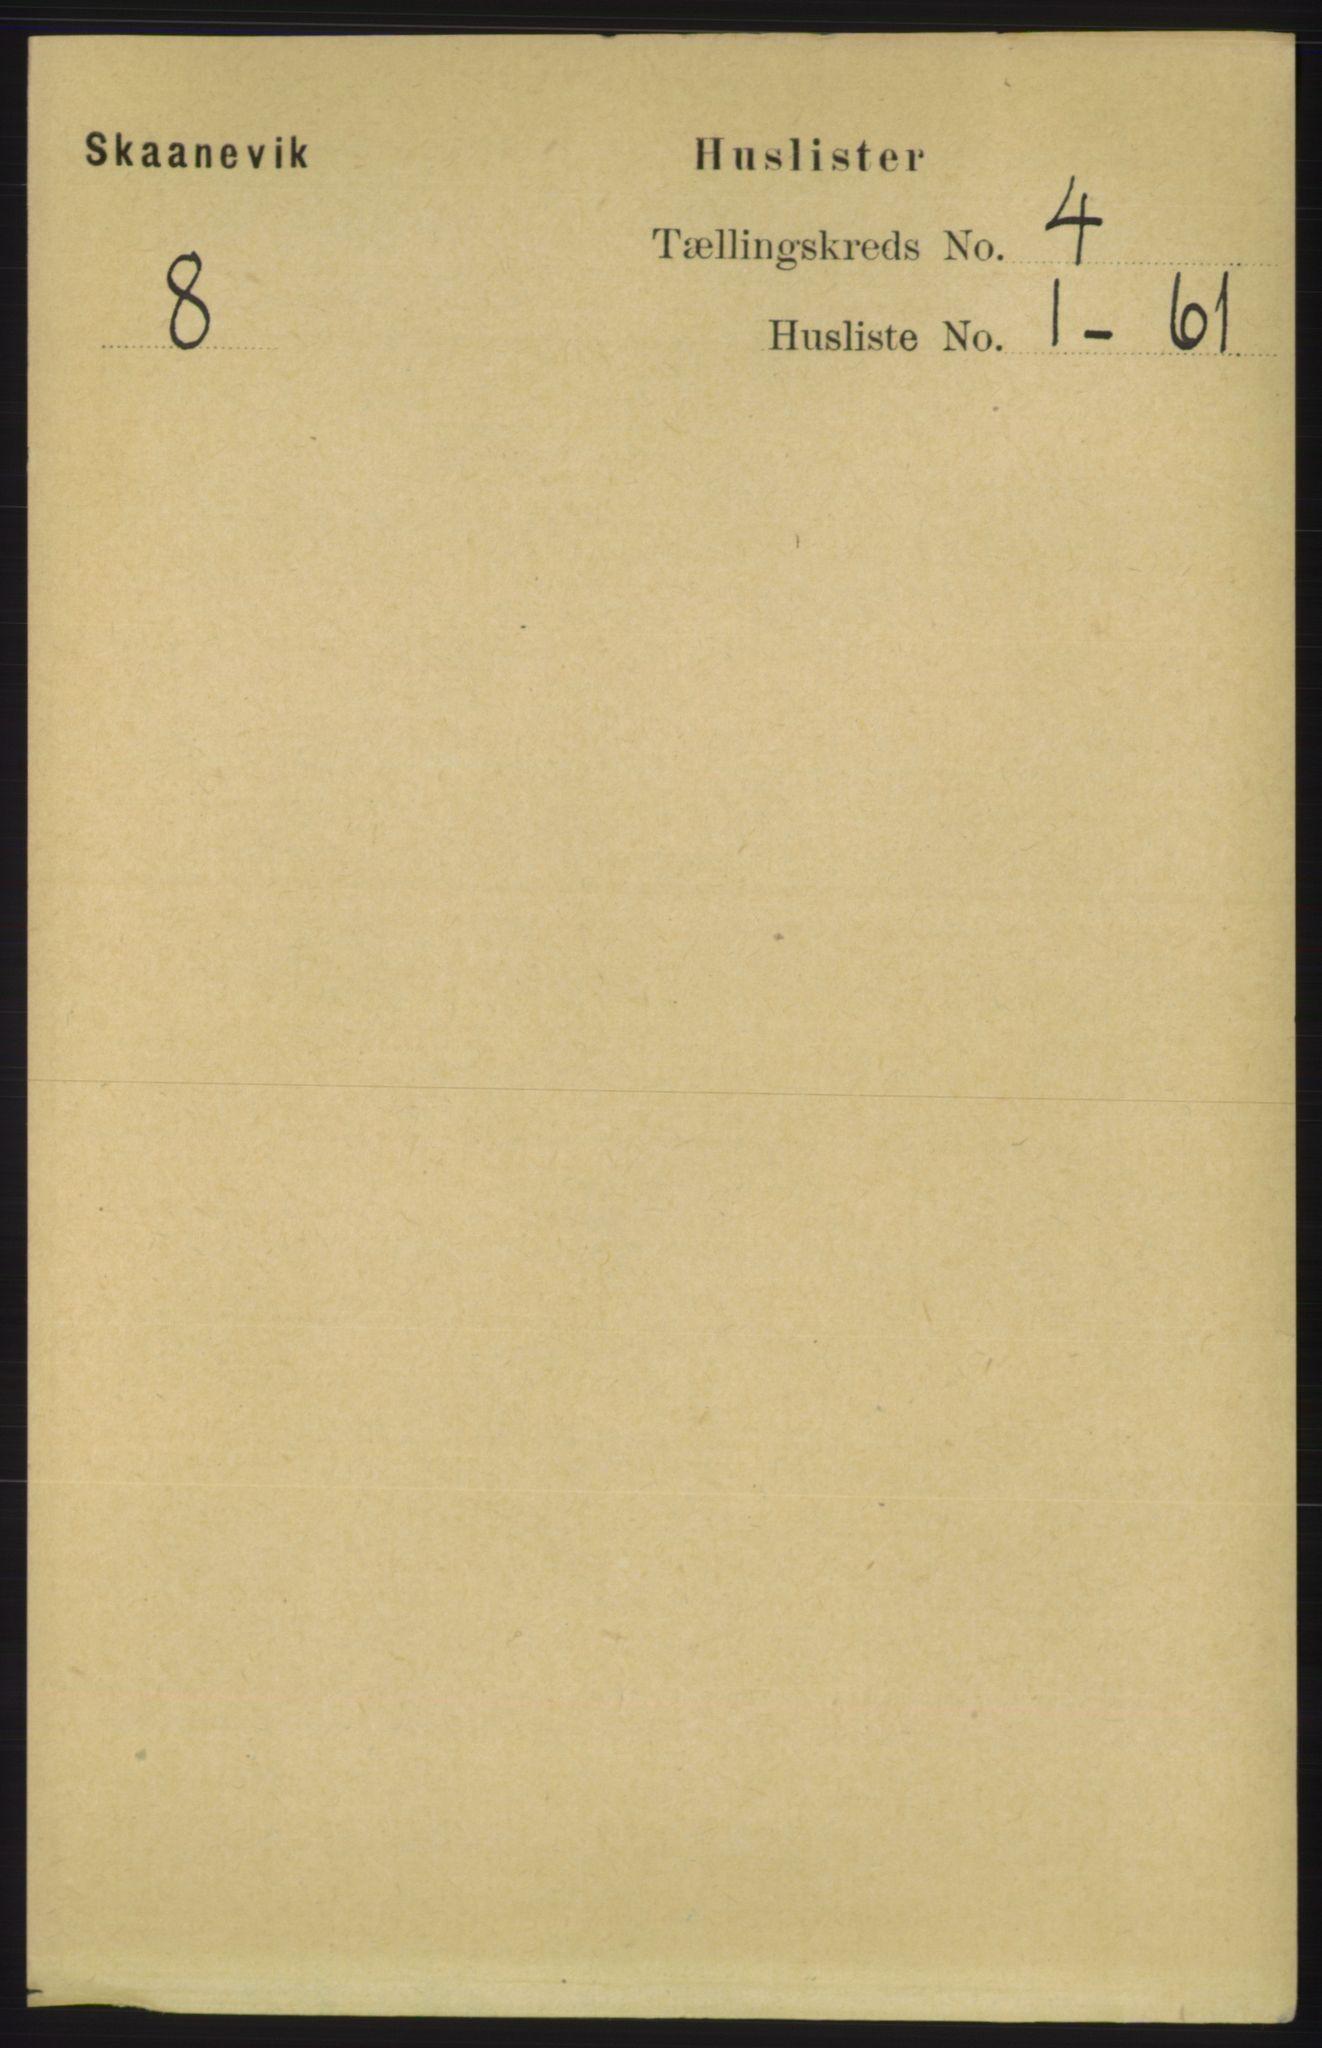 RA, Folketelling 1891 for 1212 Skånevik herred, 1891, s. 779